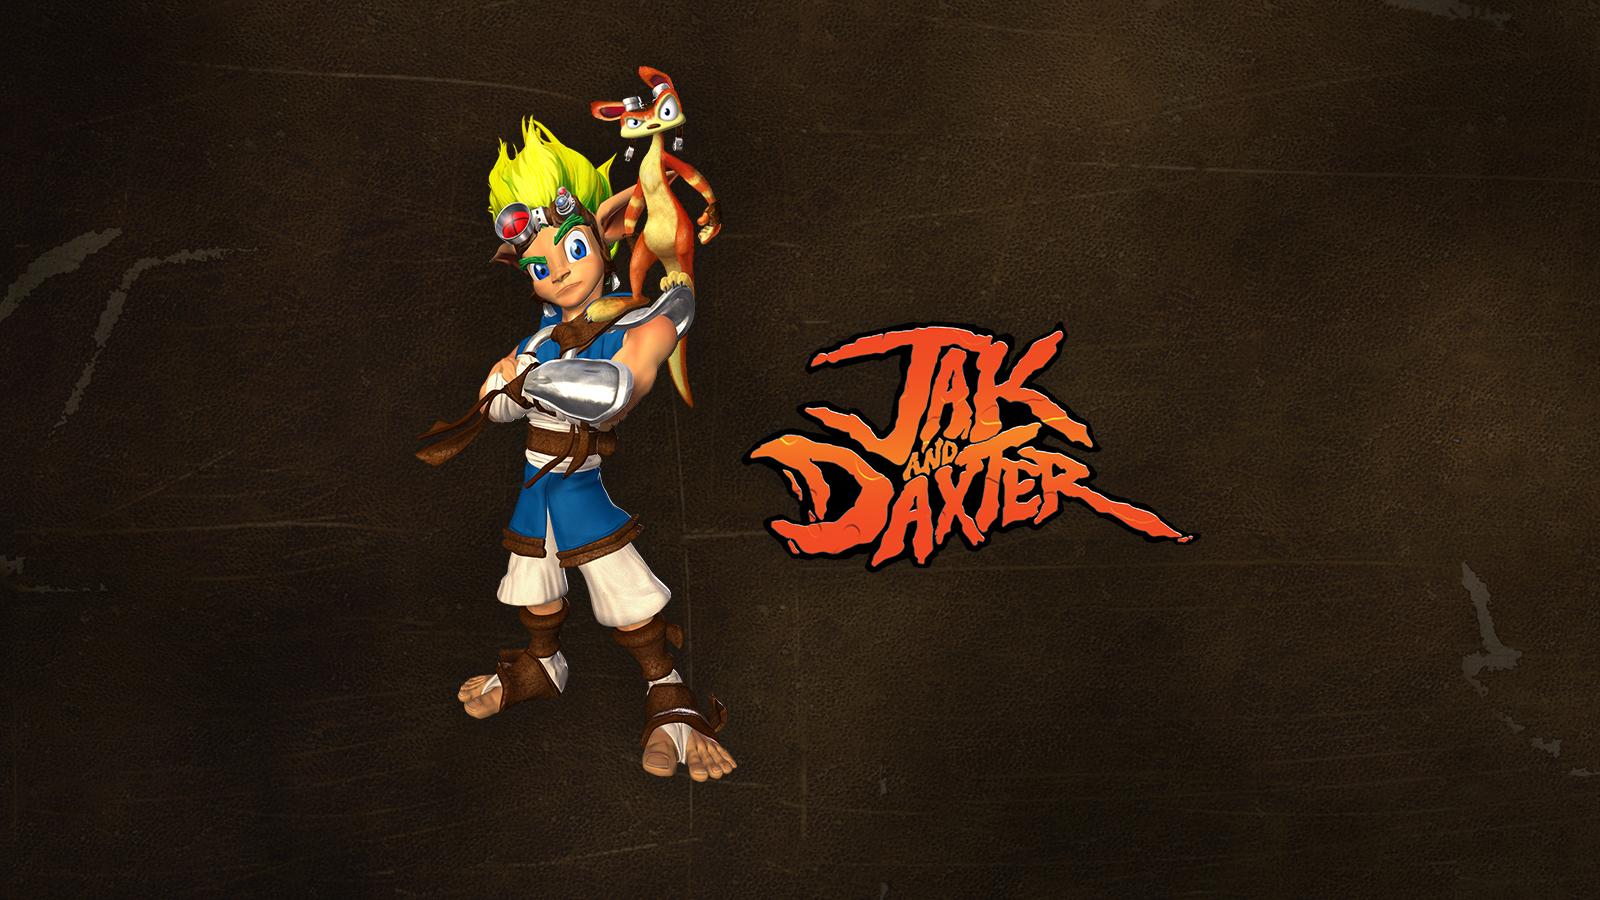 ¡Un día como hoy llega Jak and Daxter!